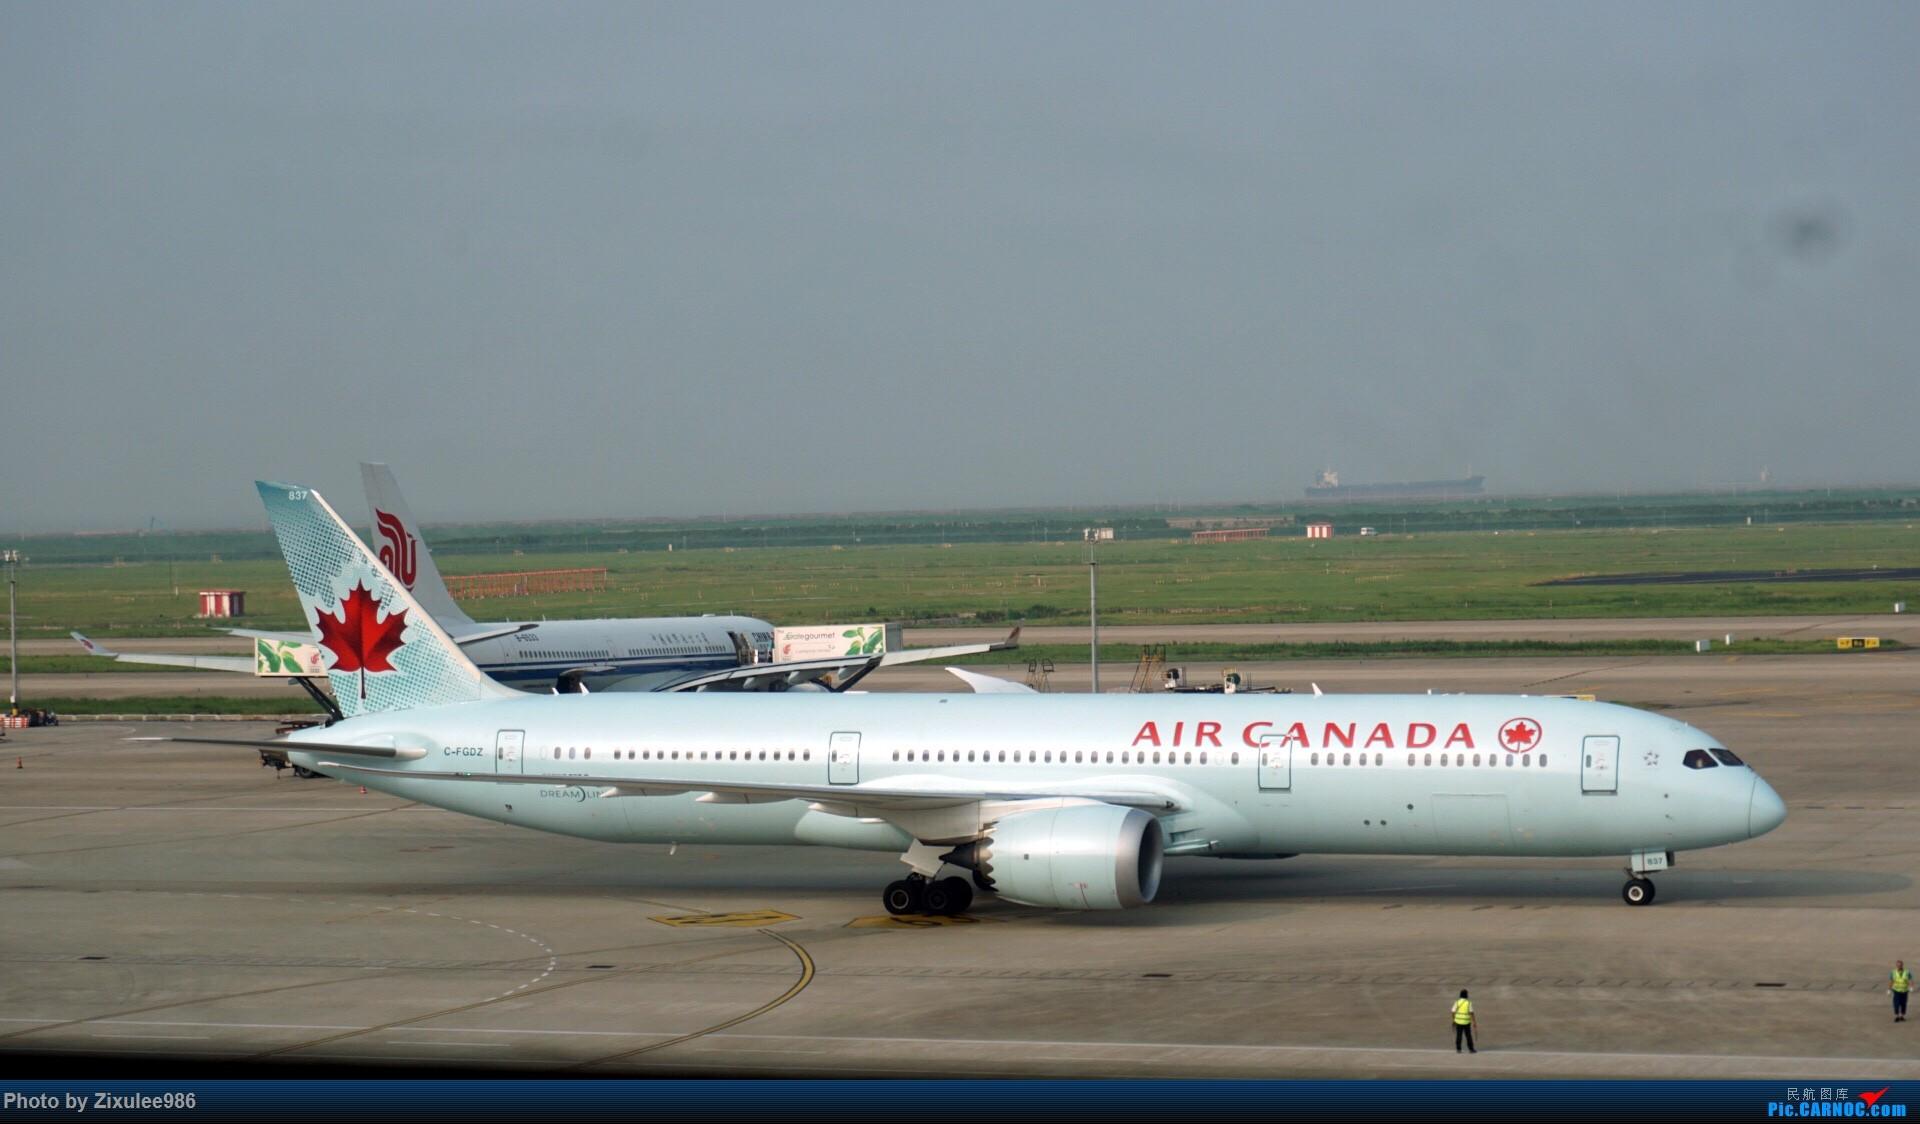 Re:[原创]加拿大21日游学之旅 (二)~加航AC28..PVG-YYZ到达多村后的雨天~多图缓更,请各位大侠谅解~ BOEING 787-9 C-FGDZ 中国上海浦东国际机场